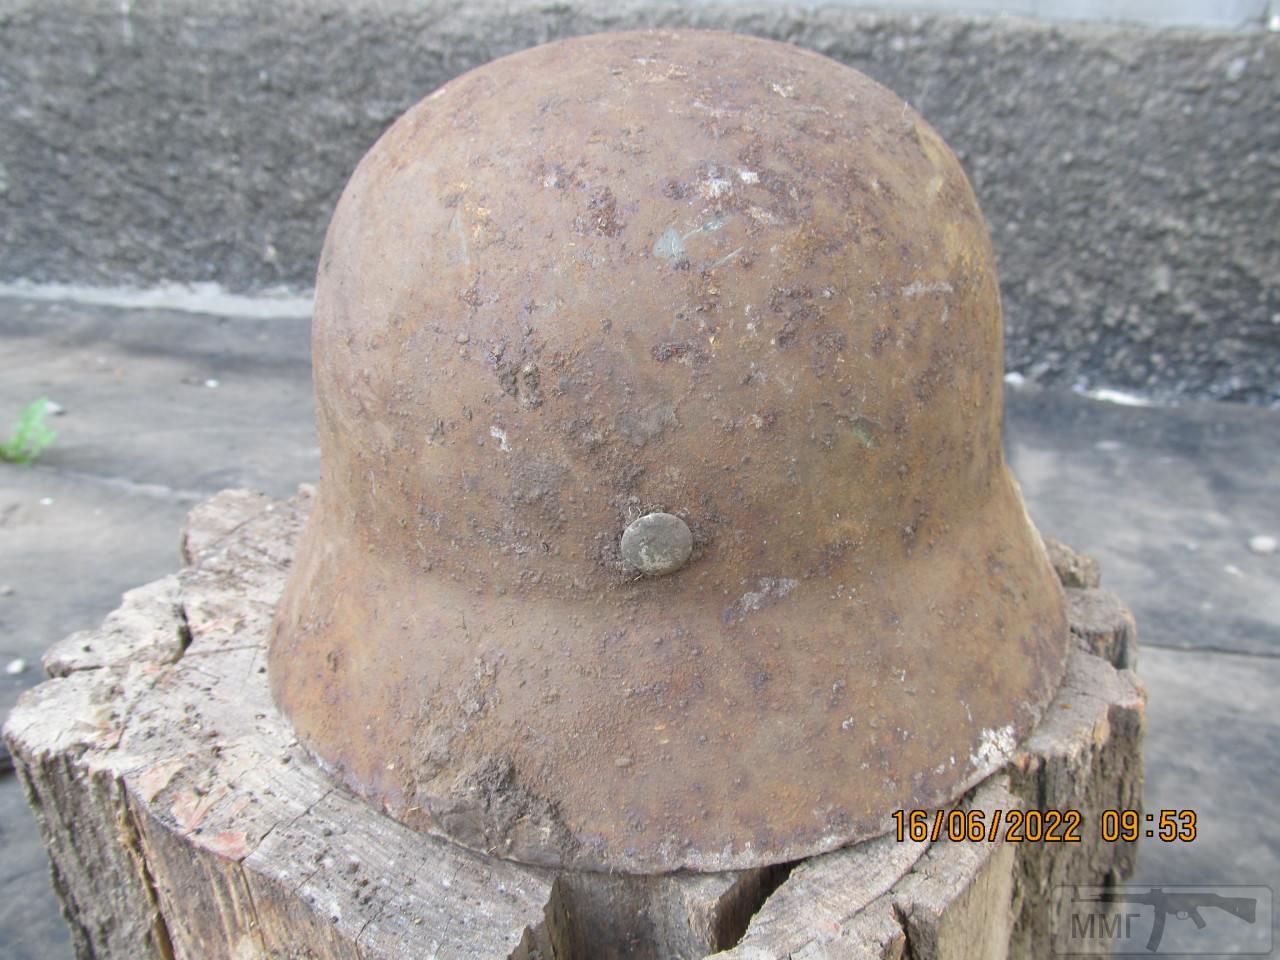 112426 - Реанімація залізної шапки вермахта М35